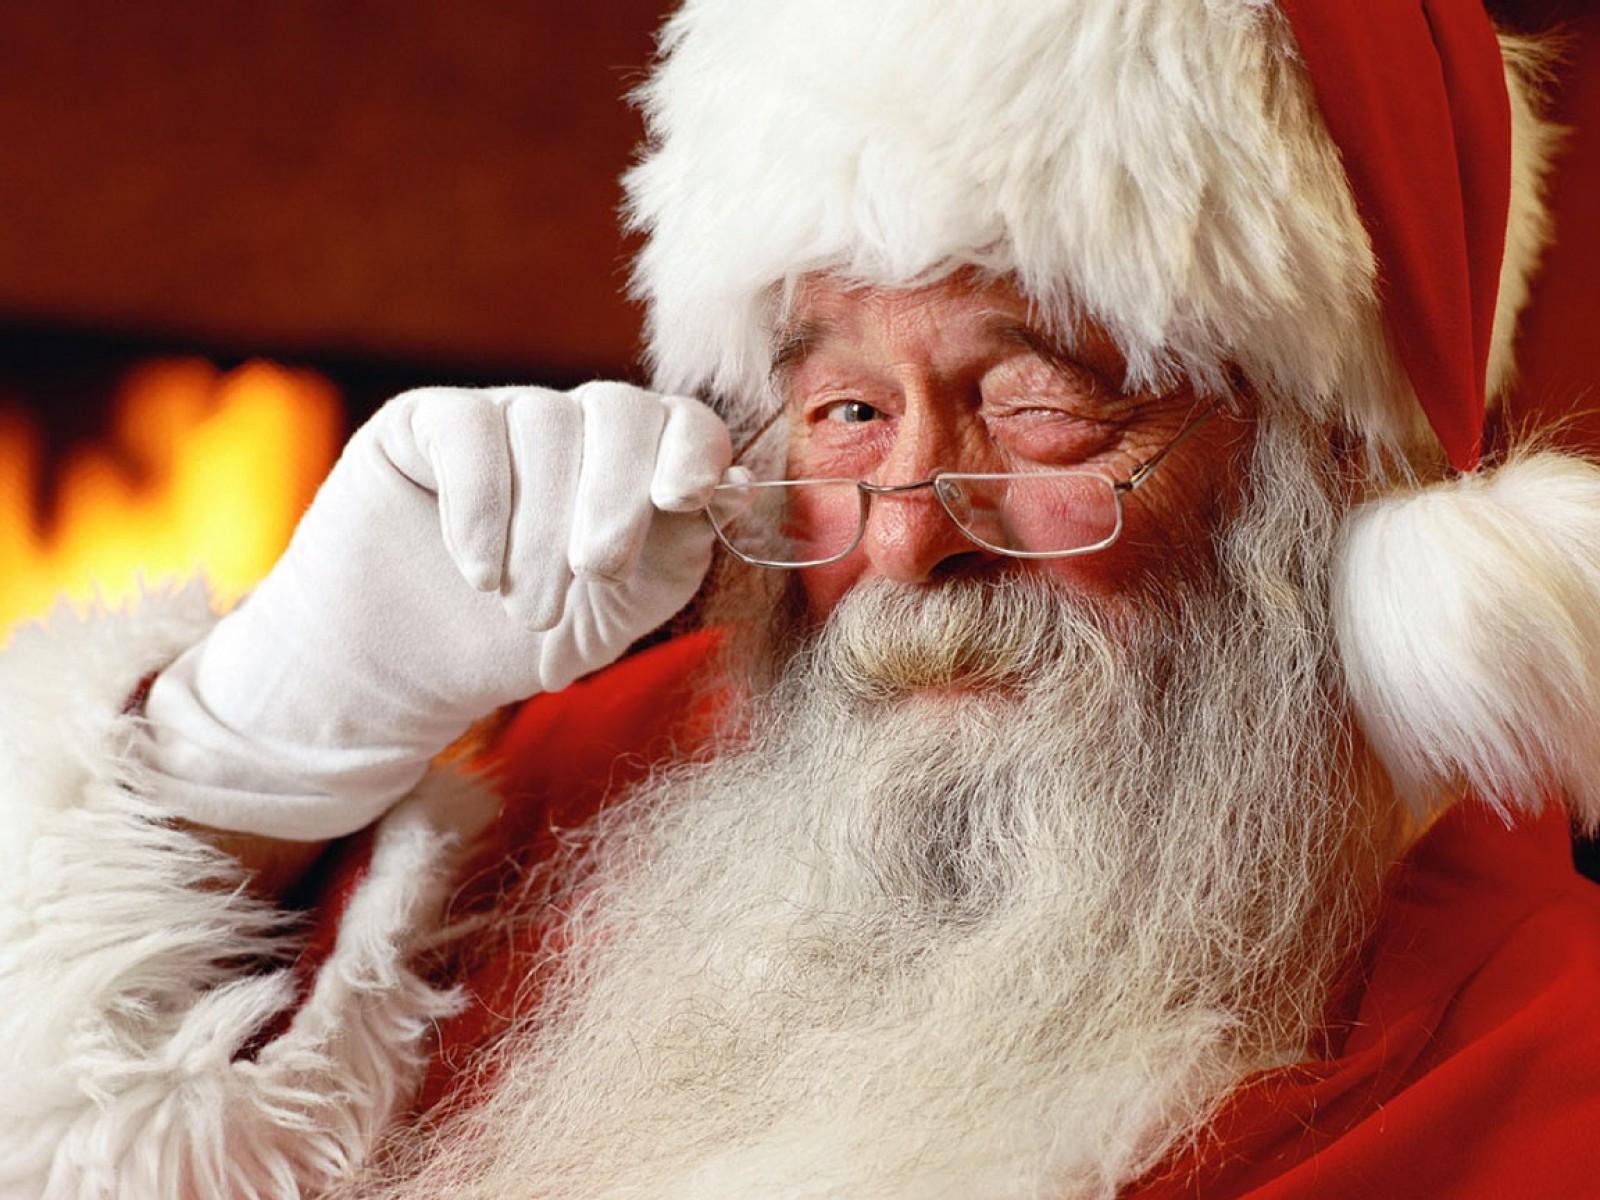 Bad Santa! Young Boy Get's Fat Shamed By Santa Claus [VIDEO]